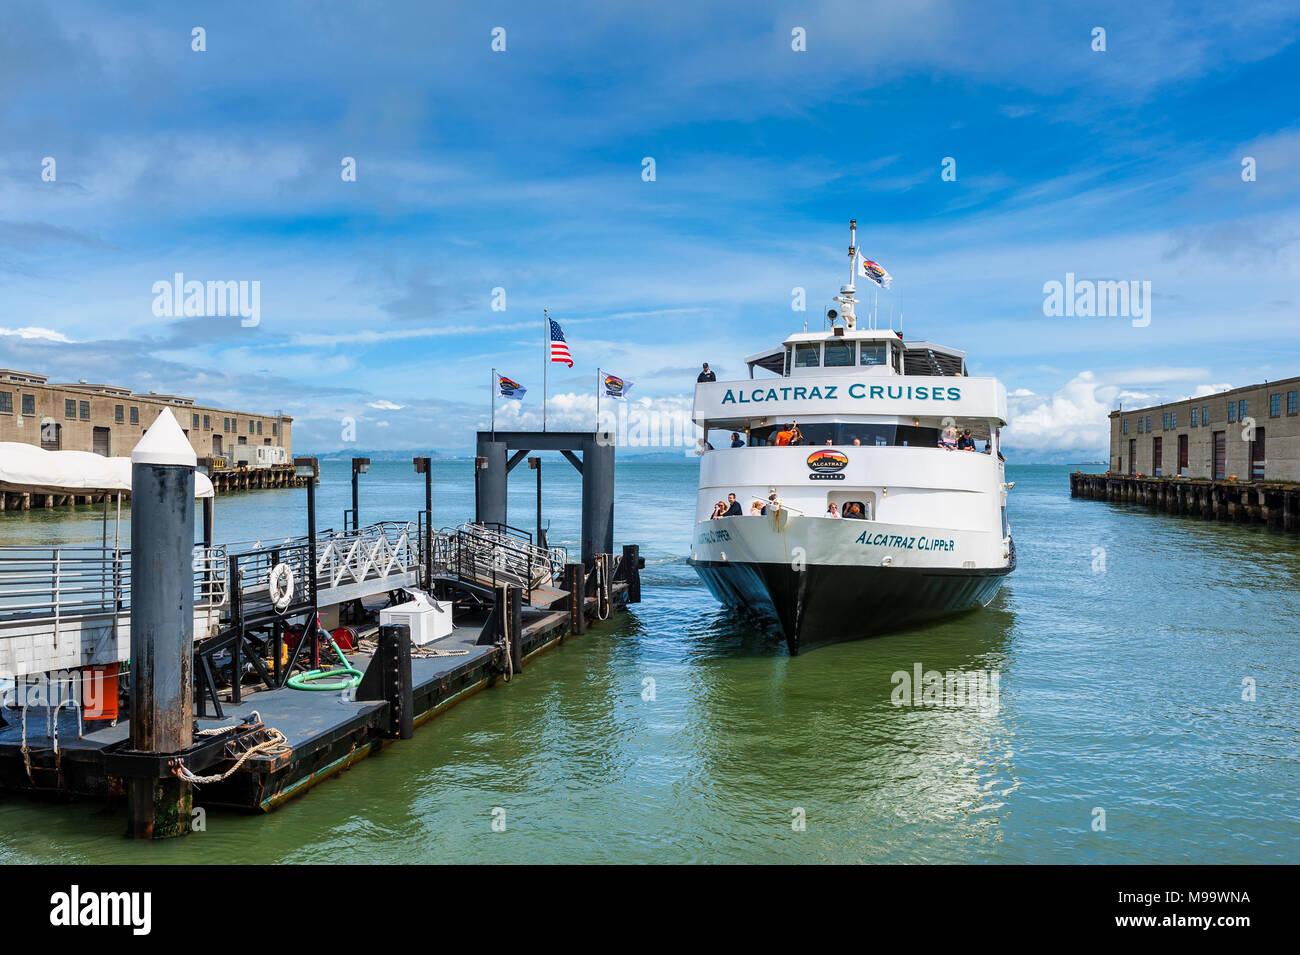 Kreuzfahrten mit der Fähre nach Alcatraz in der Bucht von San Francisco, Kalifornien, USA Stockbild